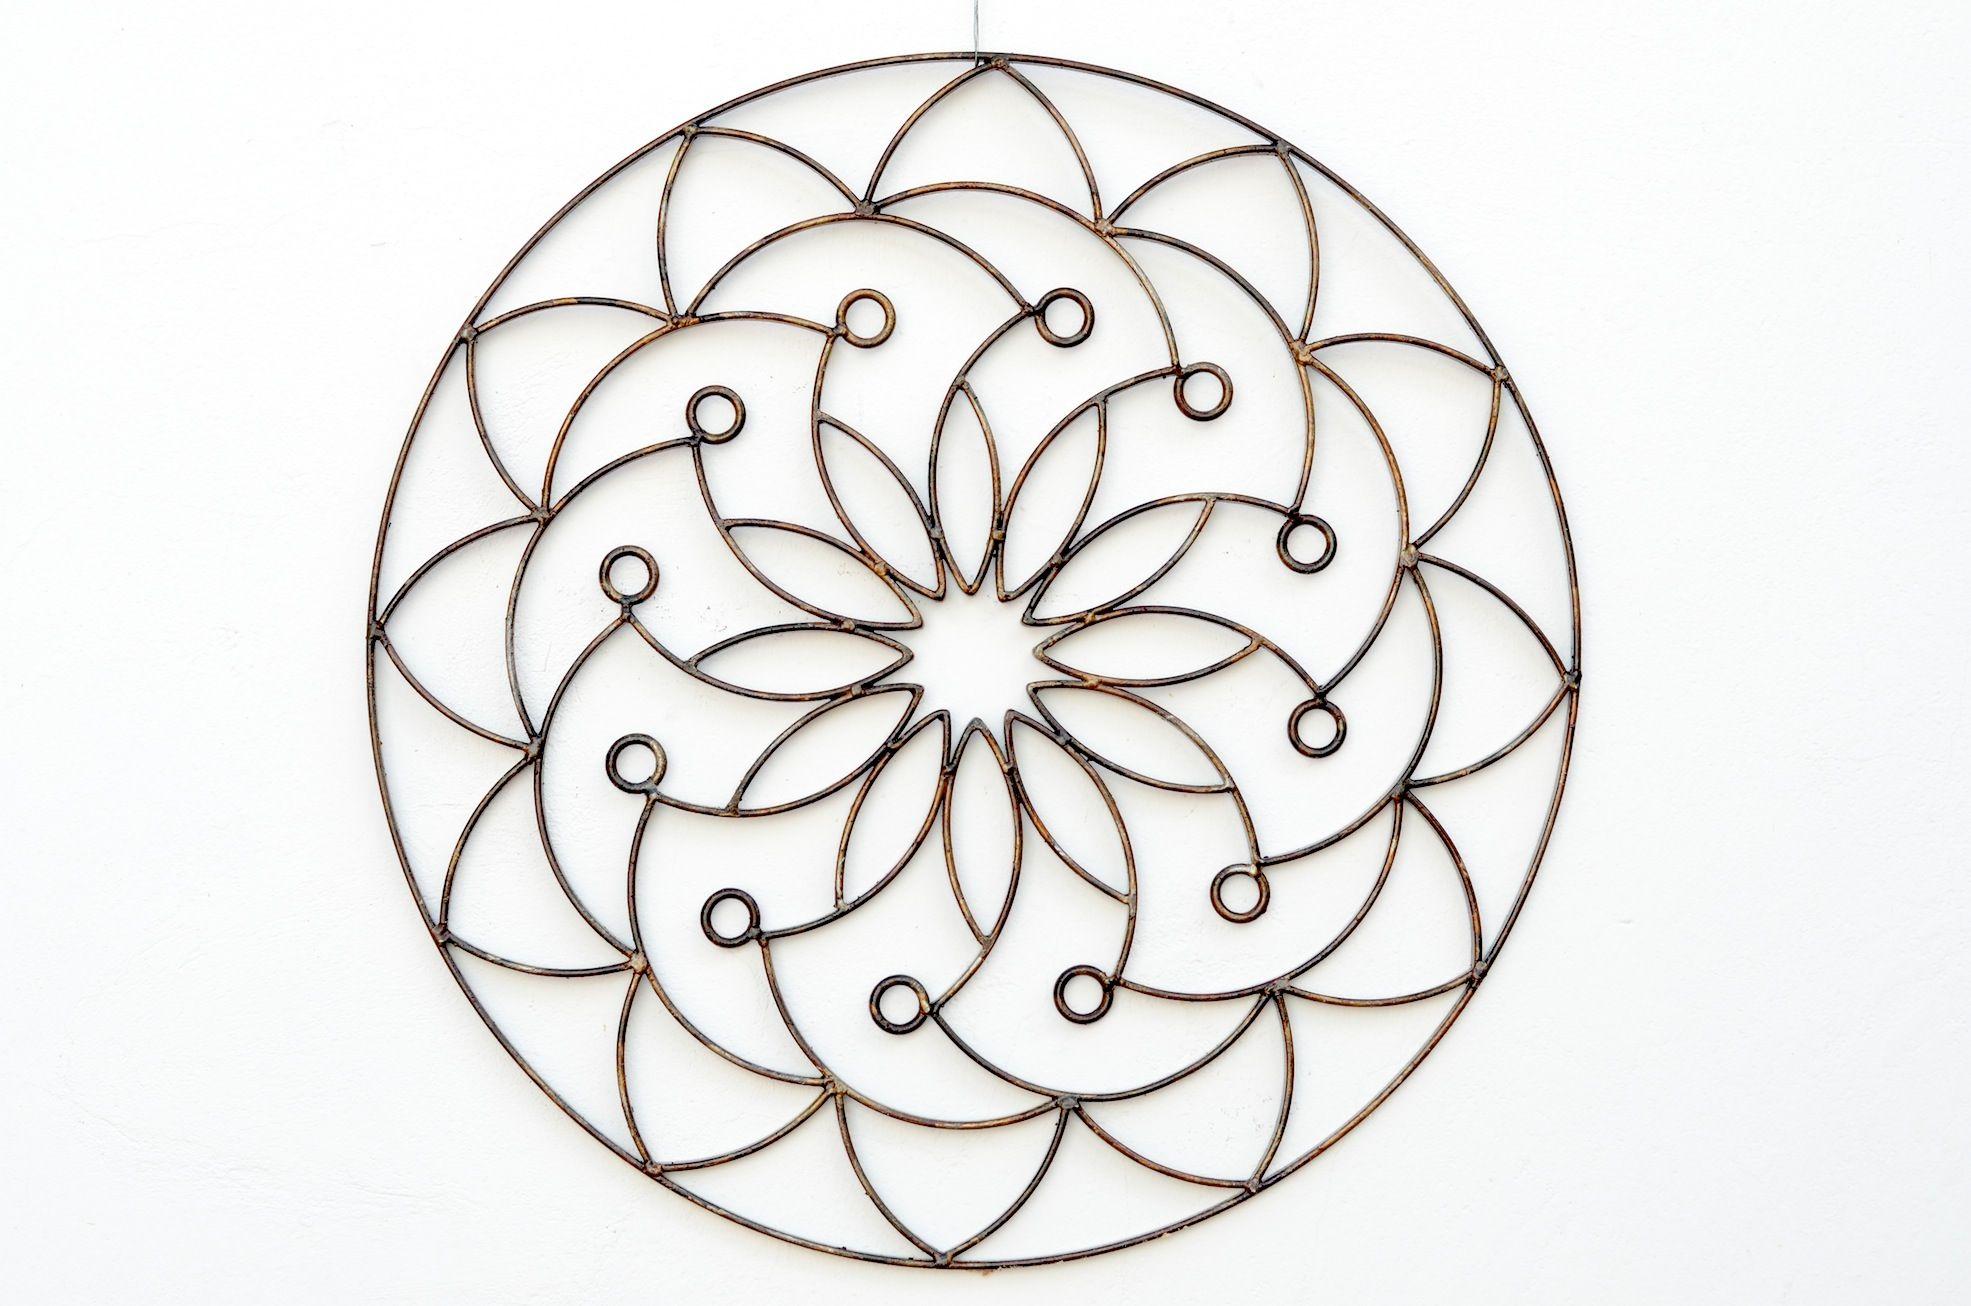 Mandala oriental.  Descrição: mandala com simetria de doze pontos.  Técnica: feita de barra chata e pintura em verniz fosco.  Peso: 6 kg Dimensão: 70 x 70 cm